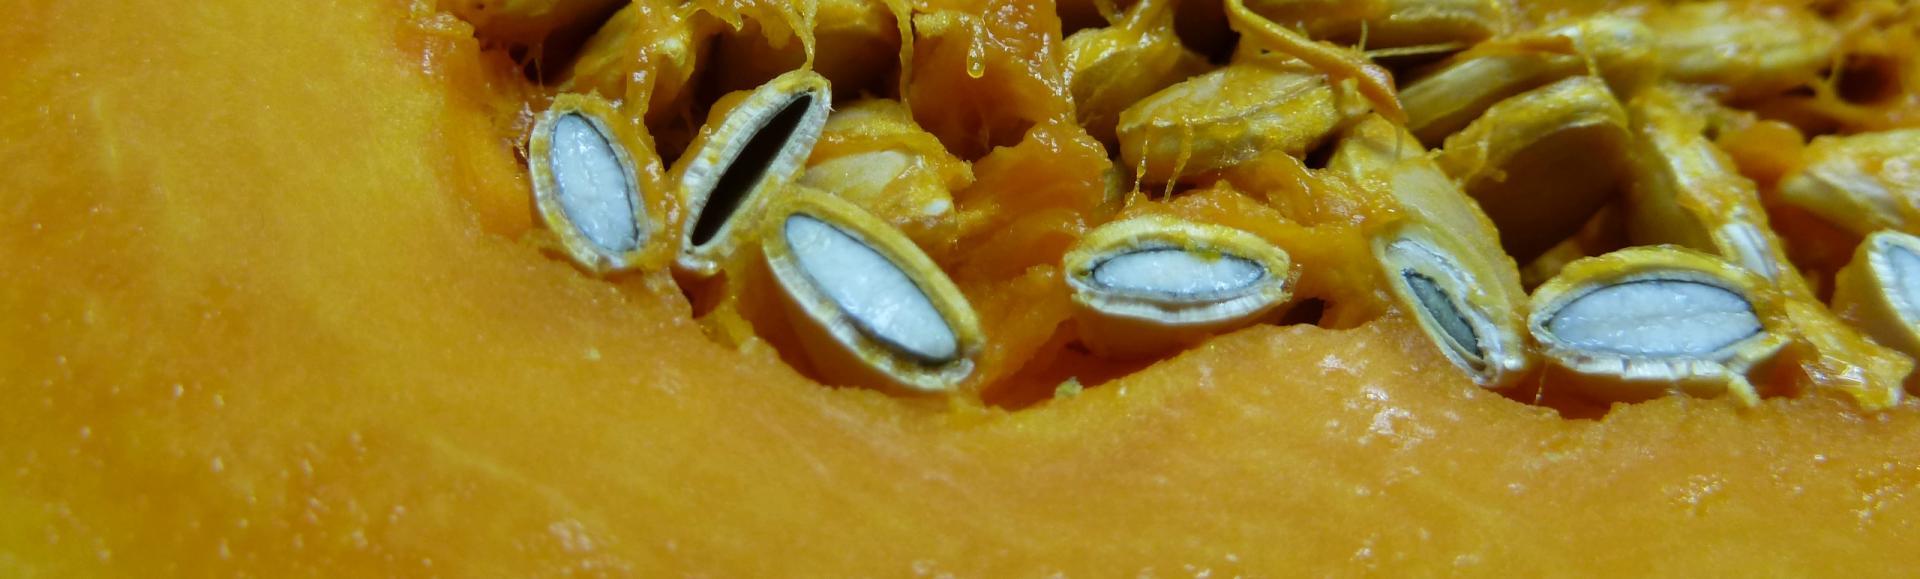 Pepins de citrouille